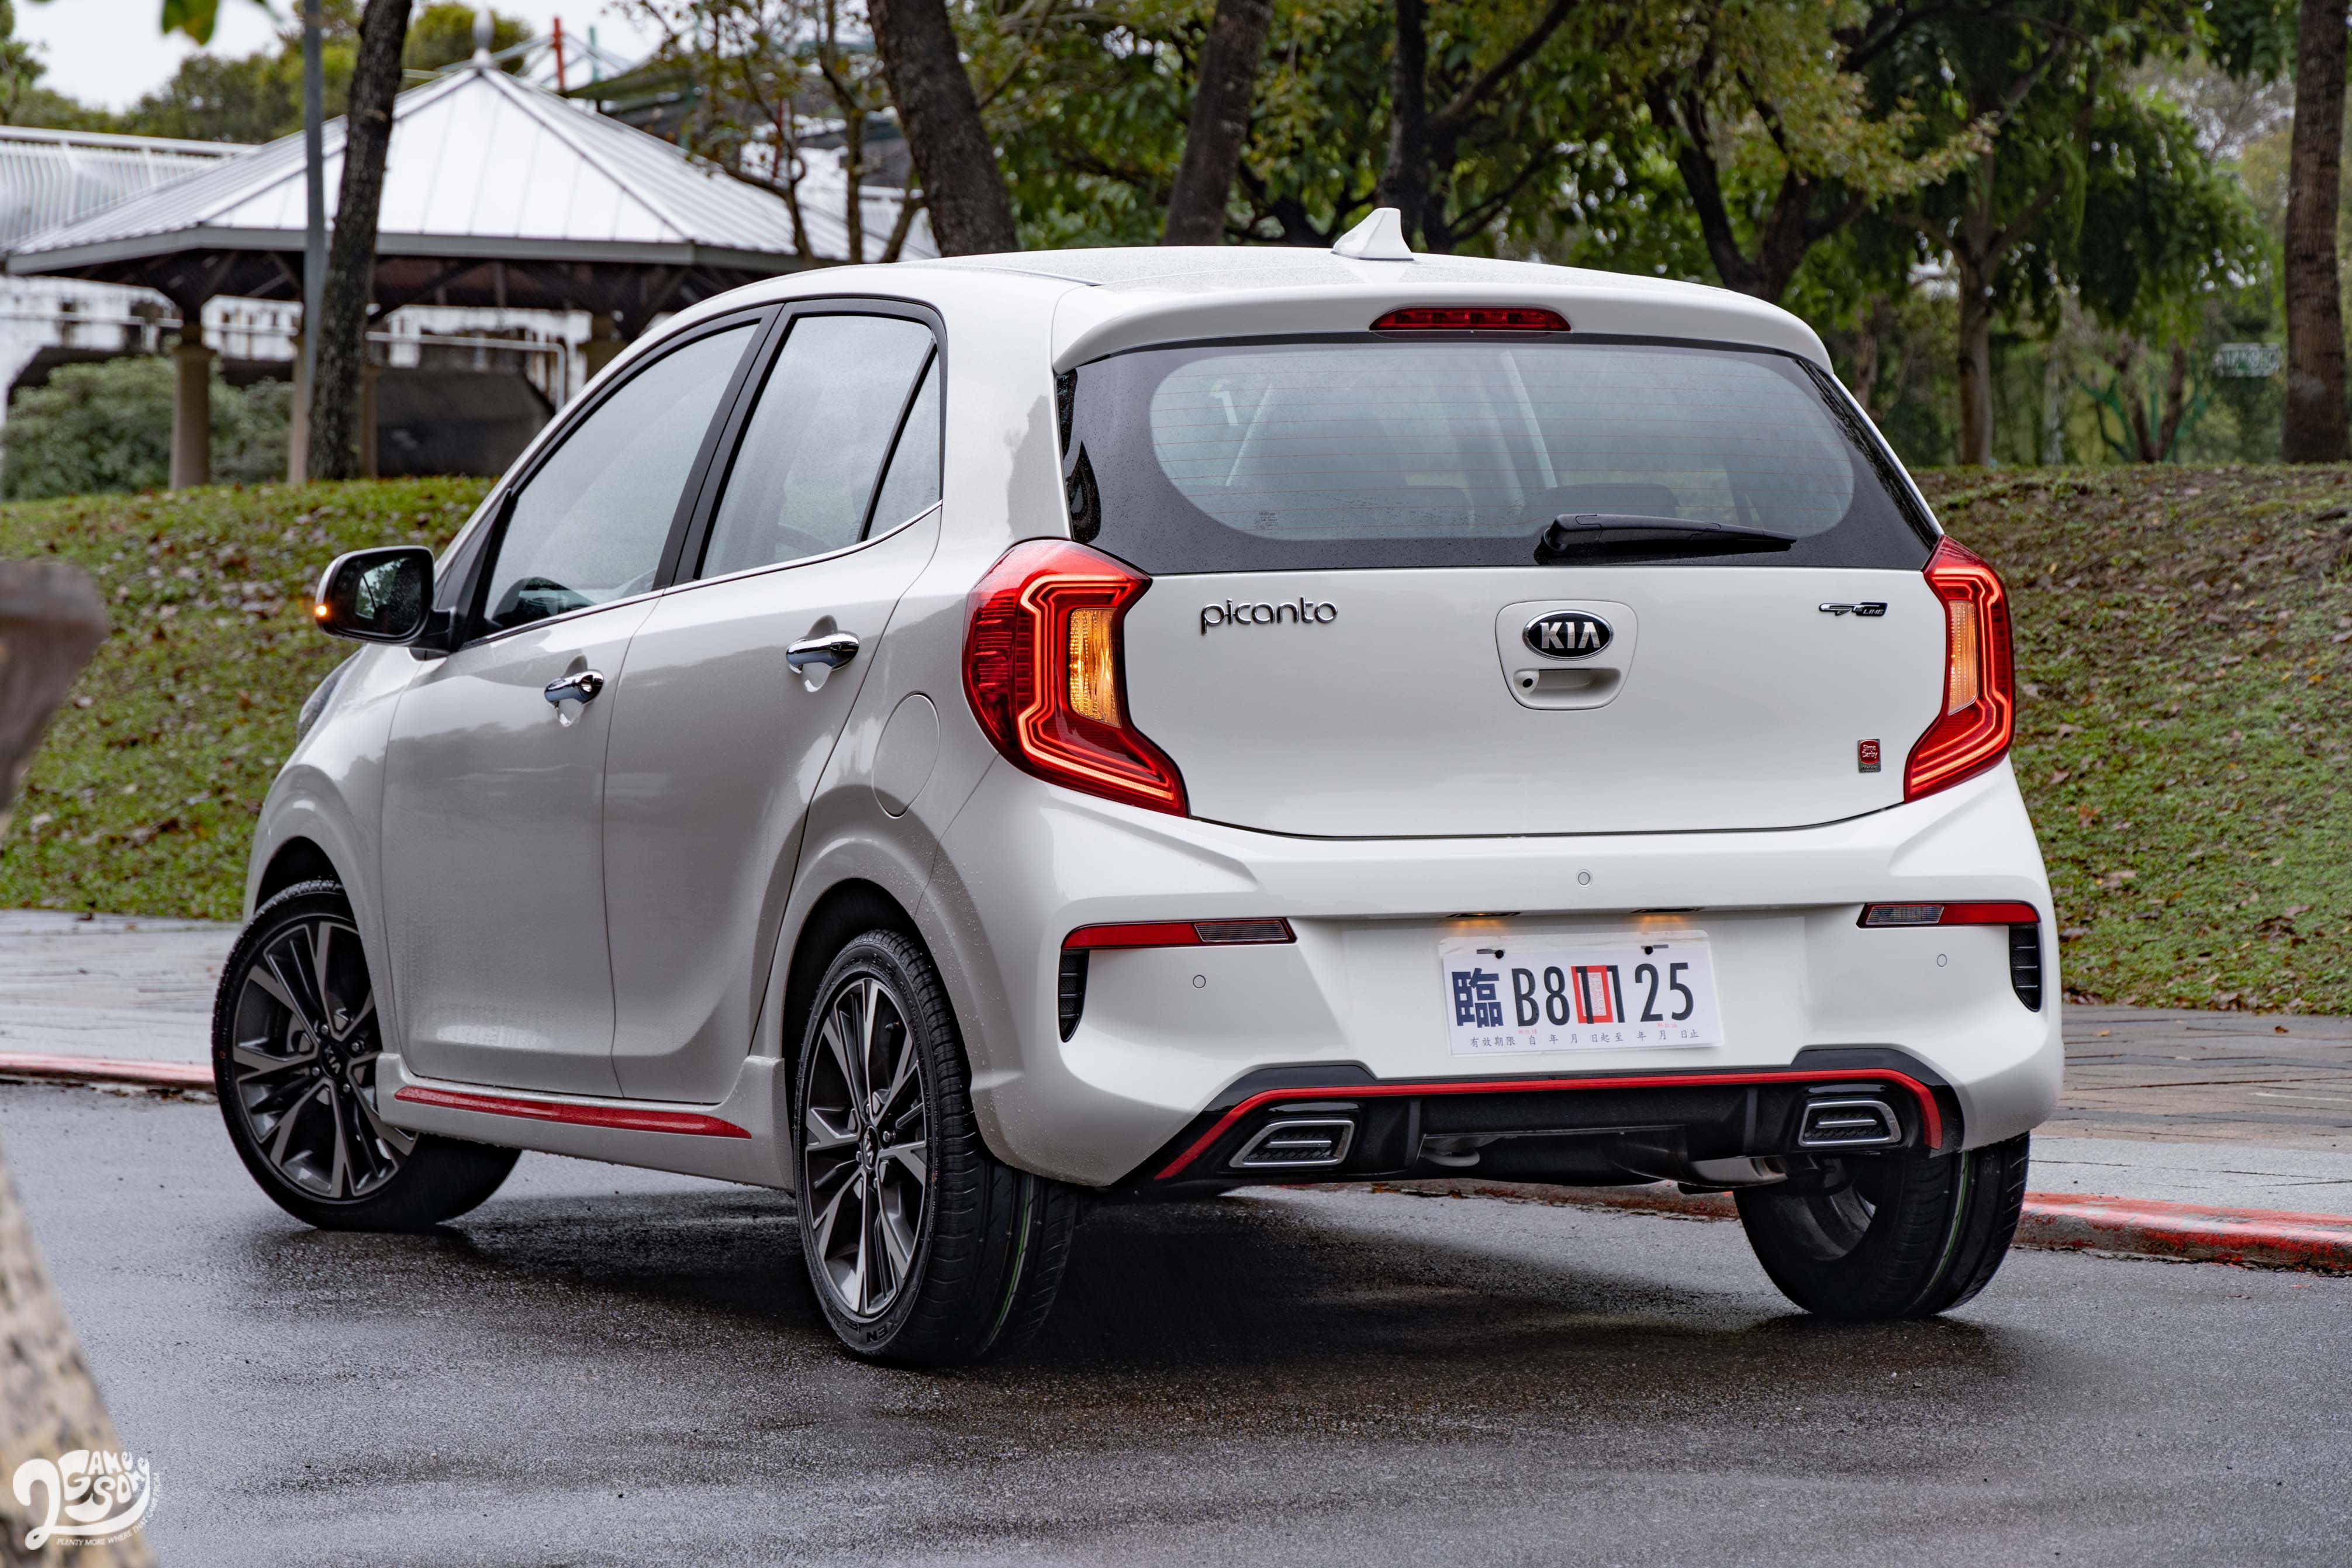 車尾同樣採用新的保桿設計,不過個人較喜歡小改前的單邊雙出尾管,而非現在的造型飾管。